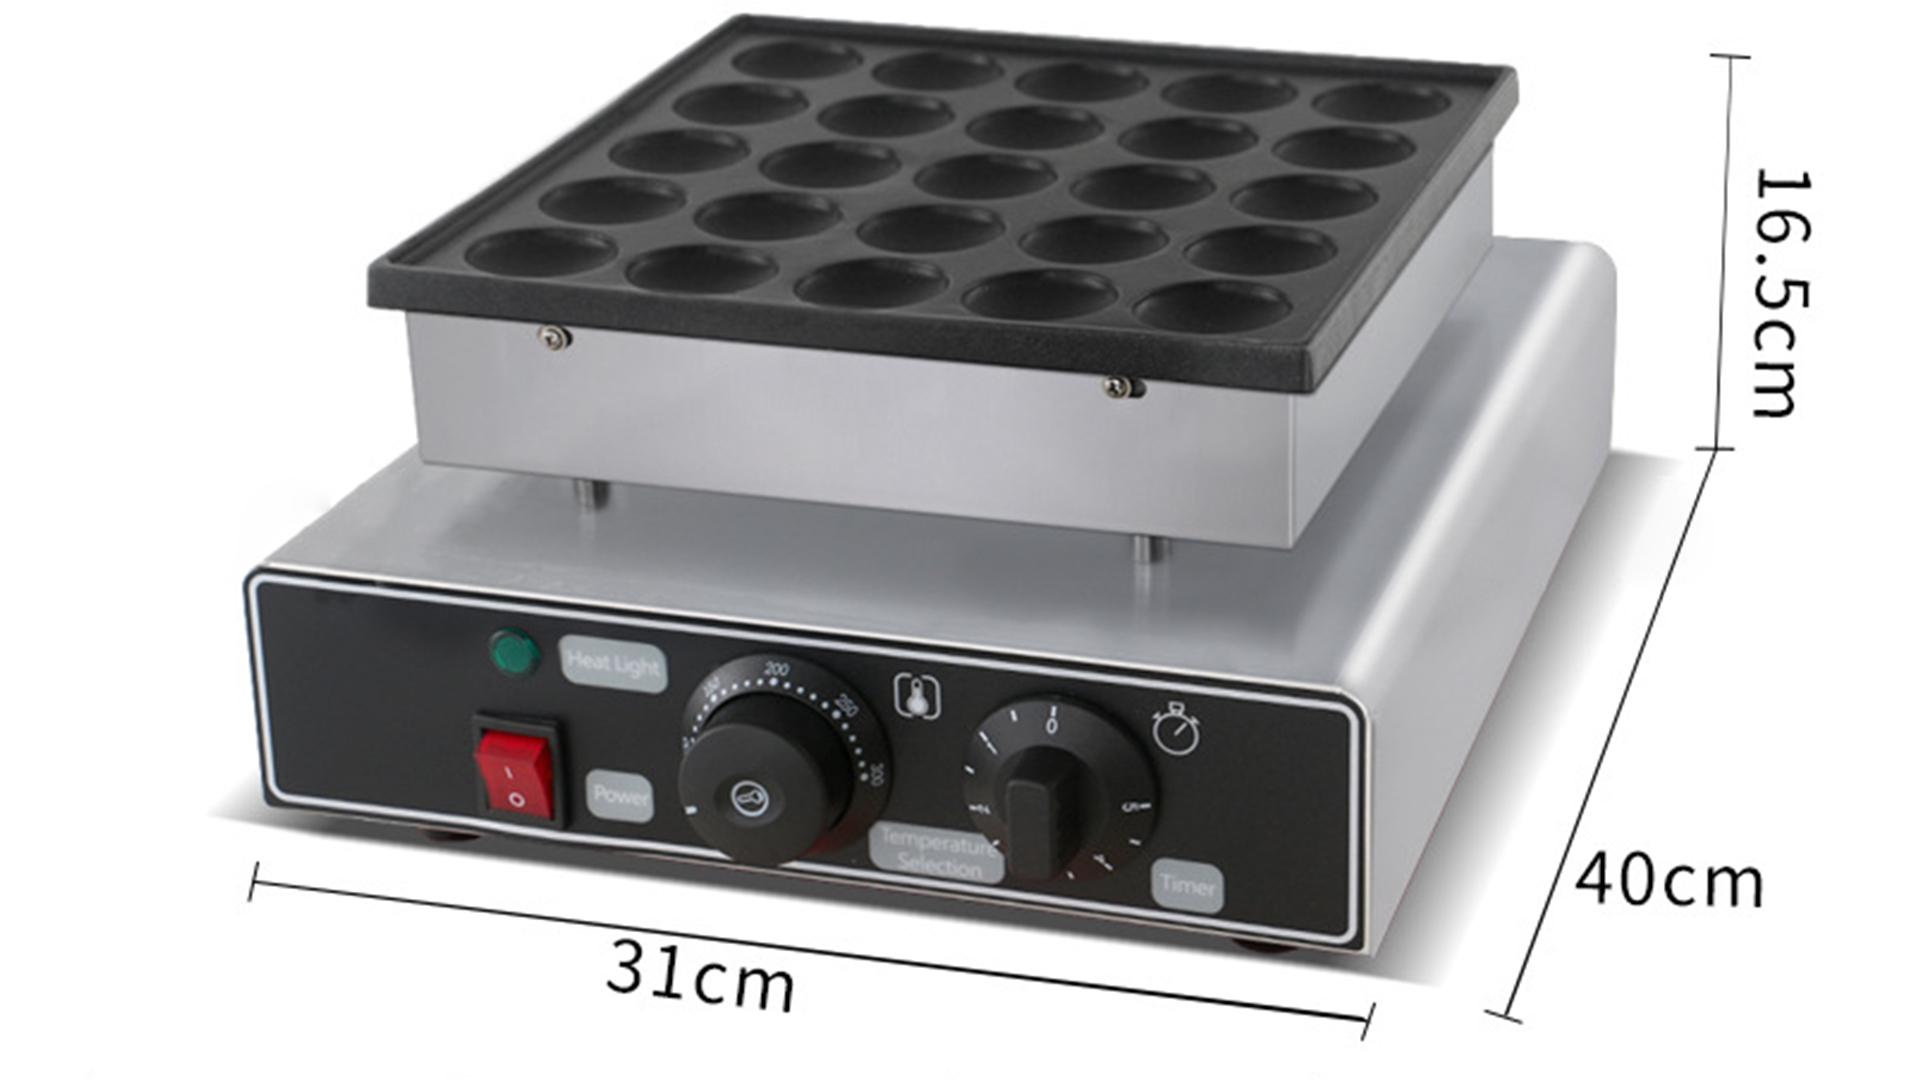 Benchu Muffin Maker FY-2240 Waffle Commerciale Forno Dorayaki Macchina 25 Foro Impiallacciatura Piccola Polpetta Forno per forno